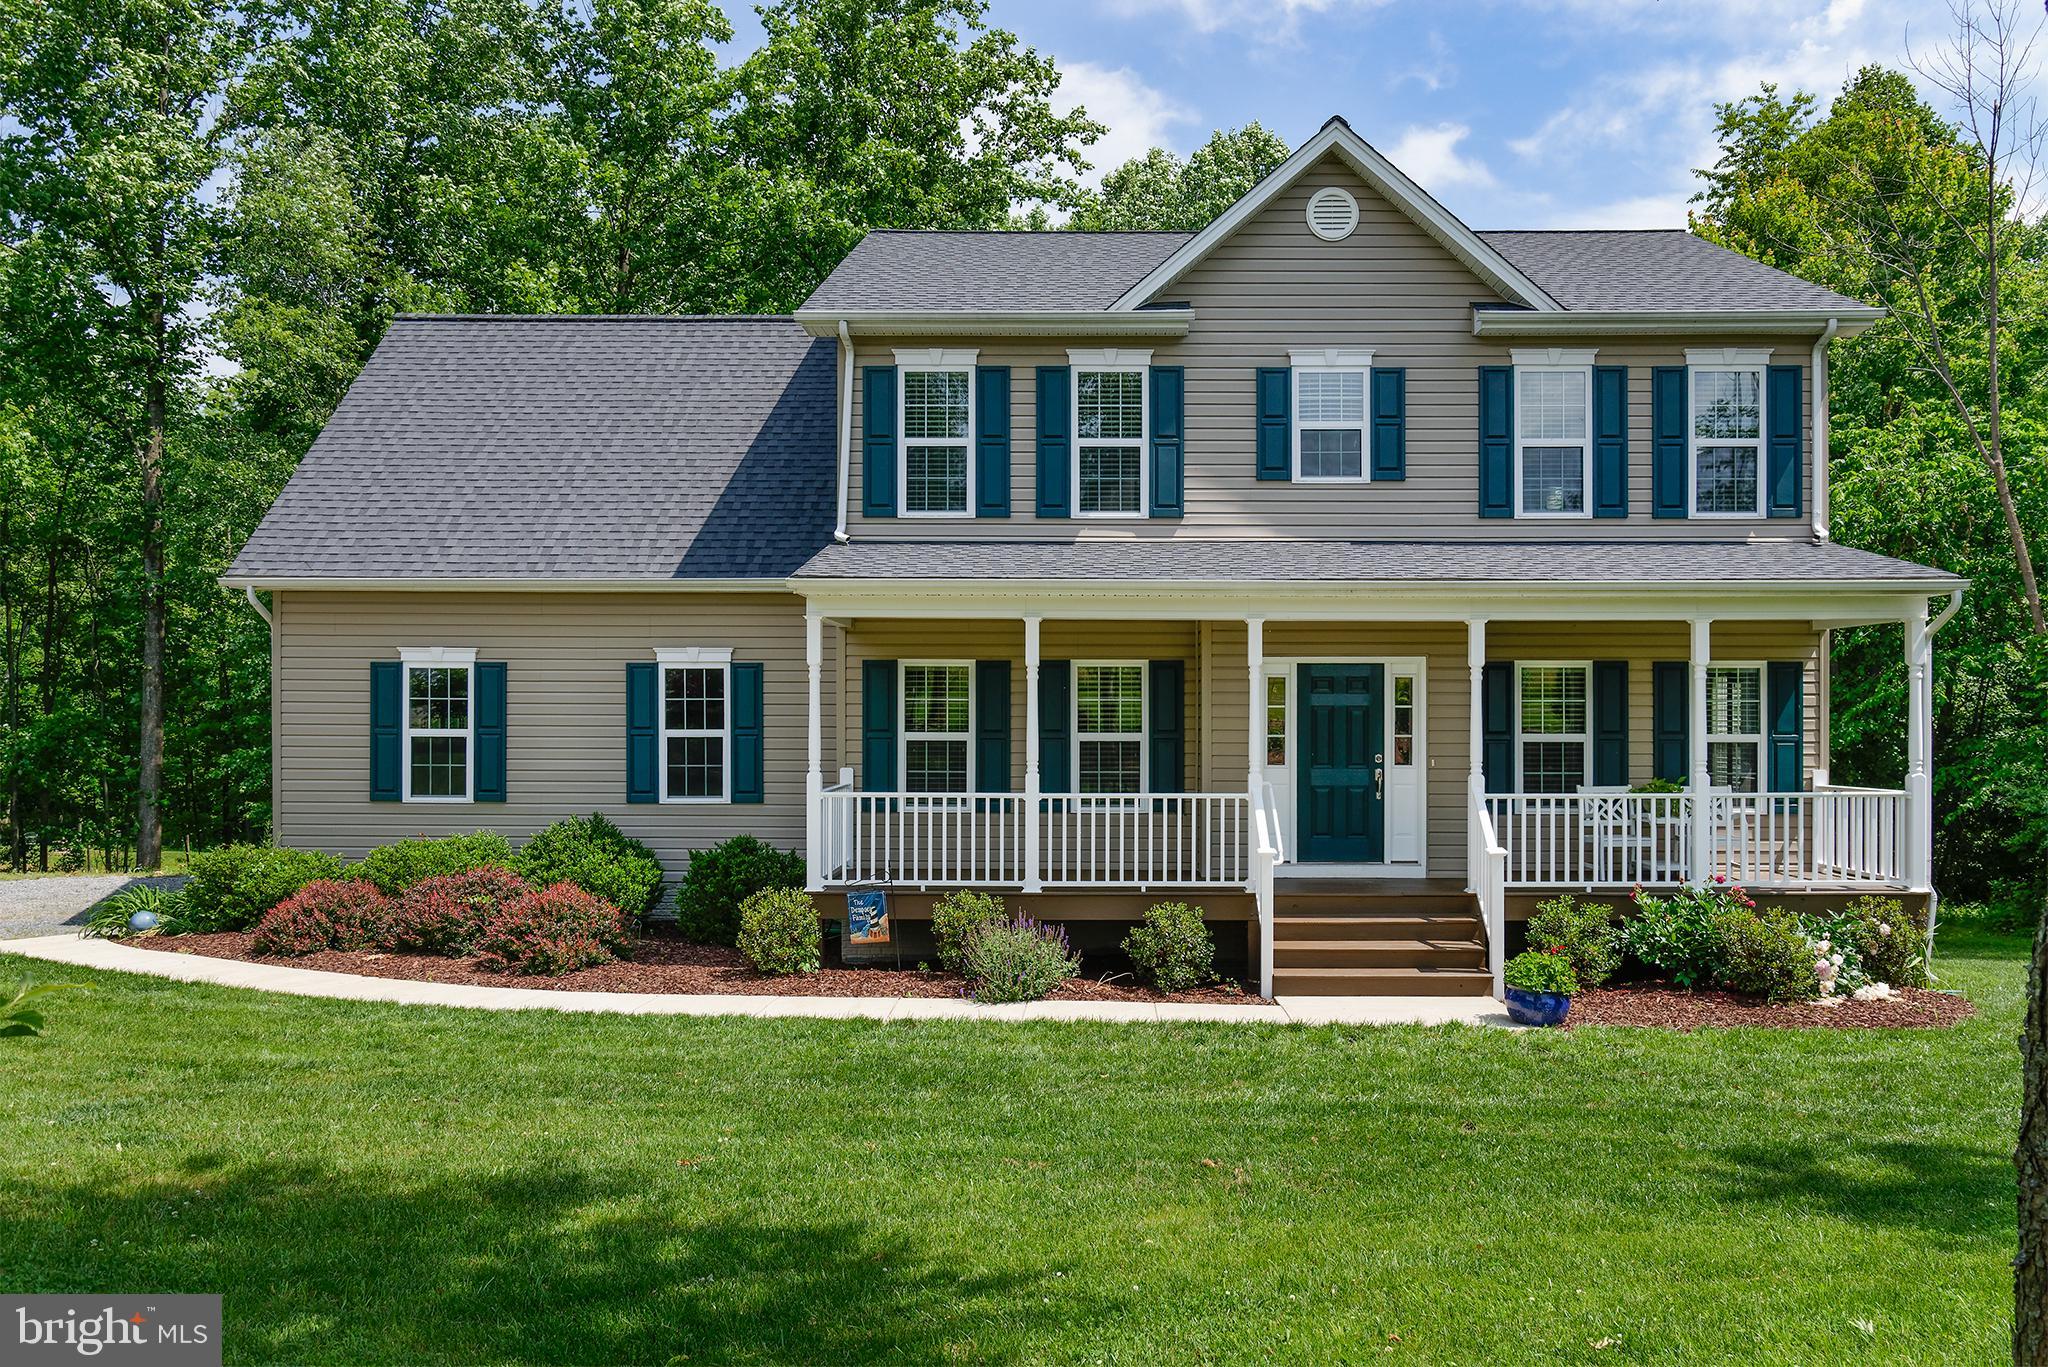 16339 Woodgrove Rd, Round Hill, VA, 20141